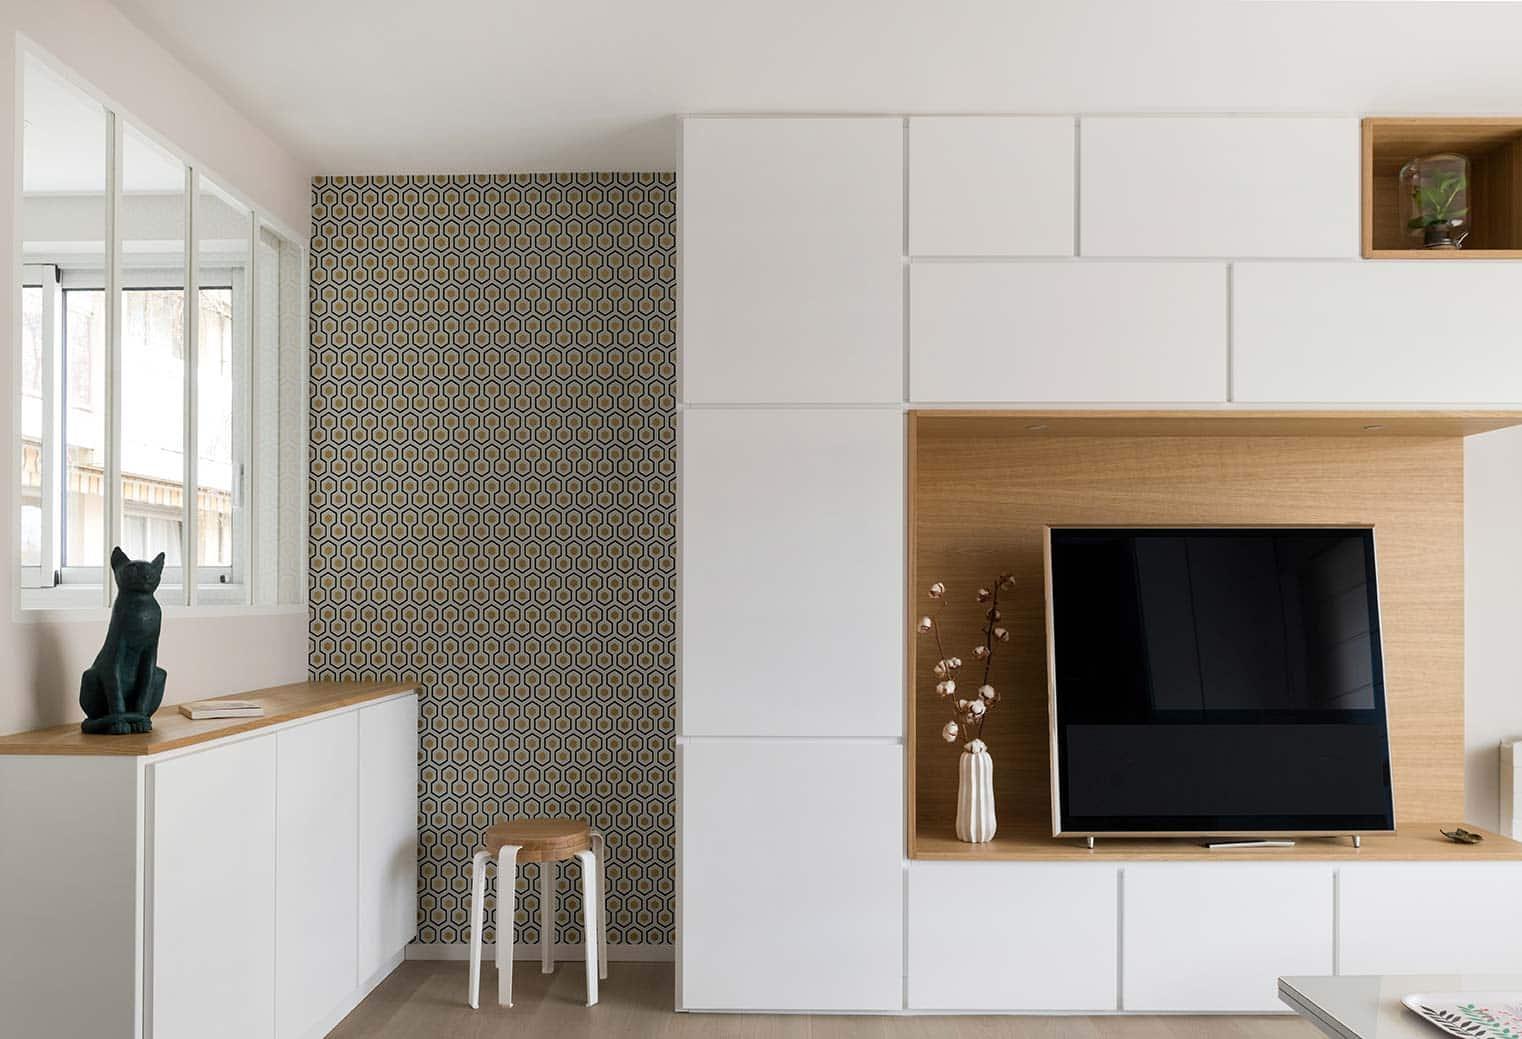 Meuble Four Plaque Induction lignes graphiques - marion lanoe, architecte d'intérieur et